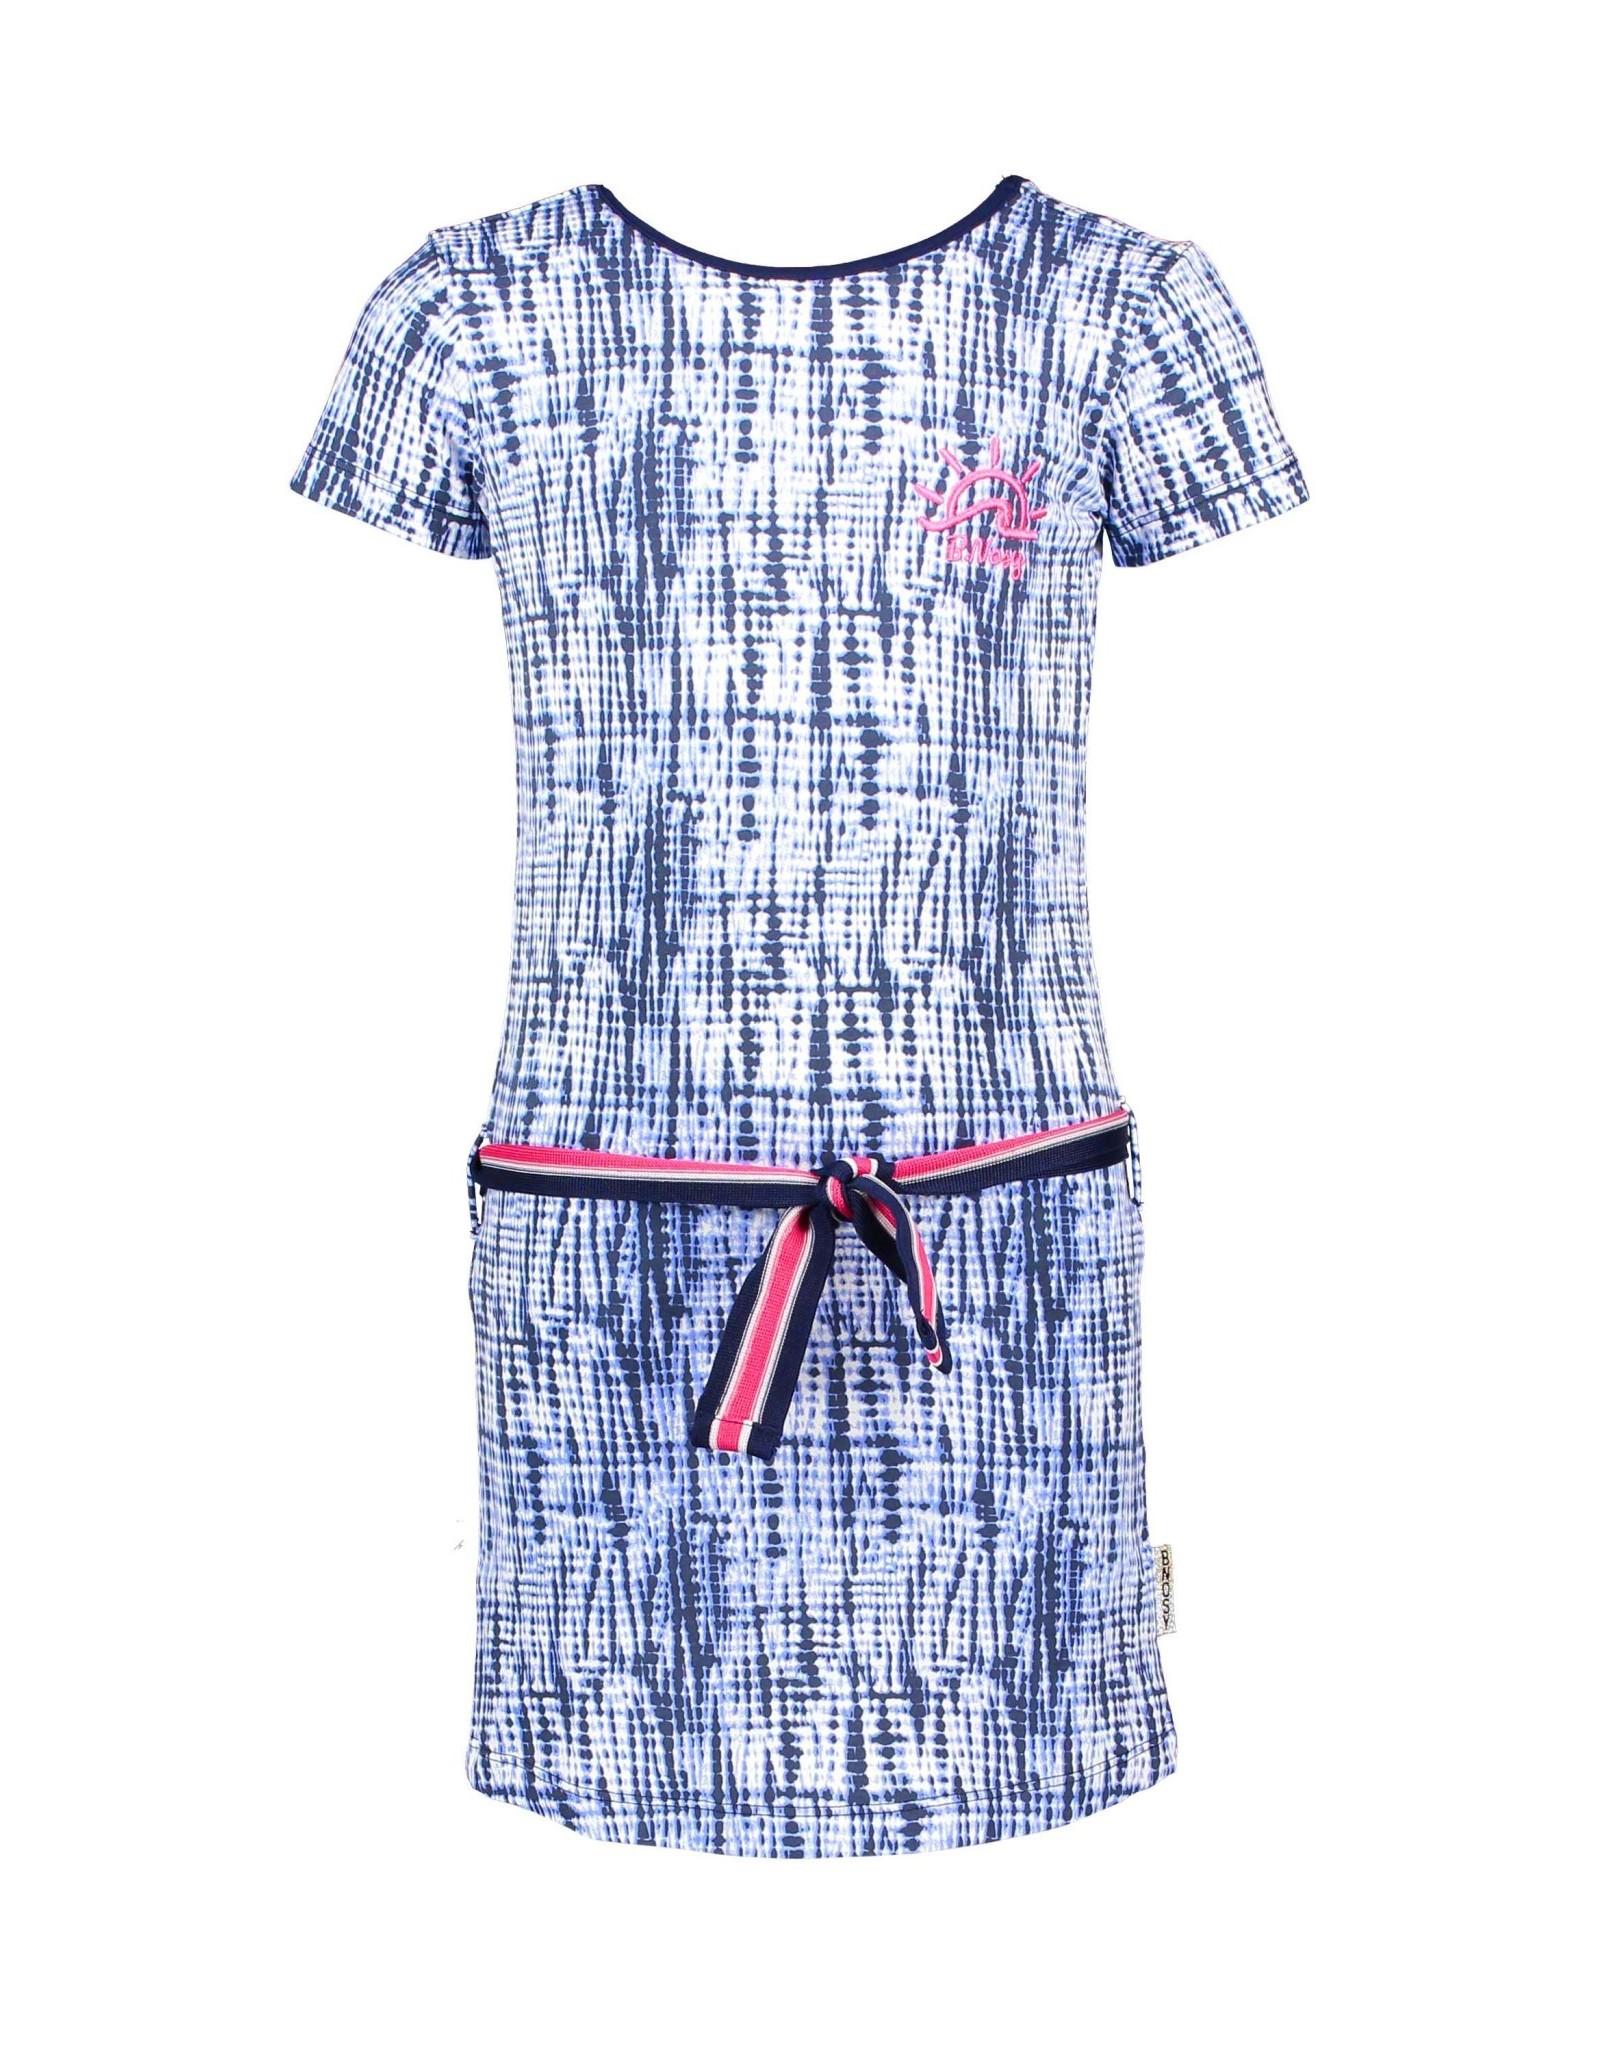 B.Nosy B.Nosy meisjes jurk Space Tie Dye